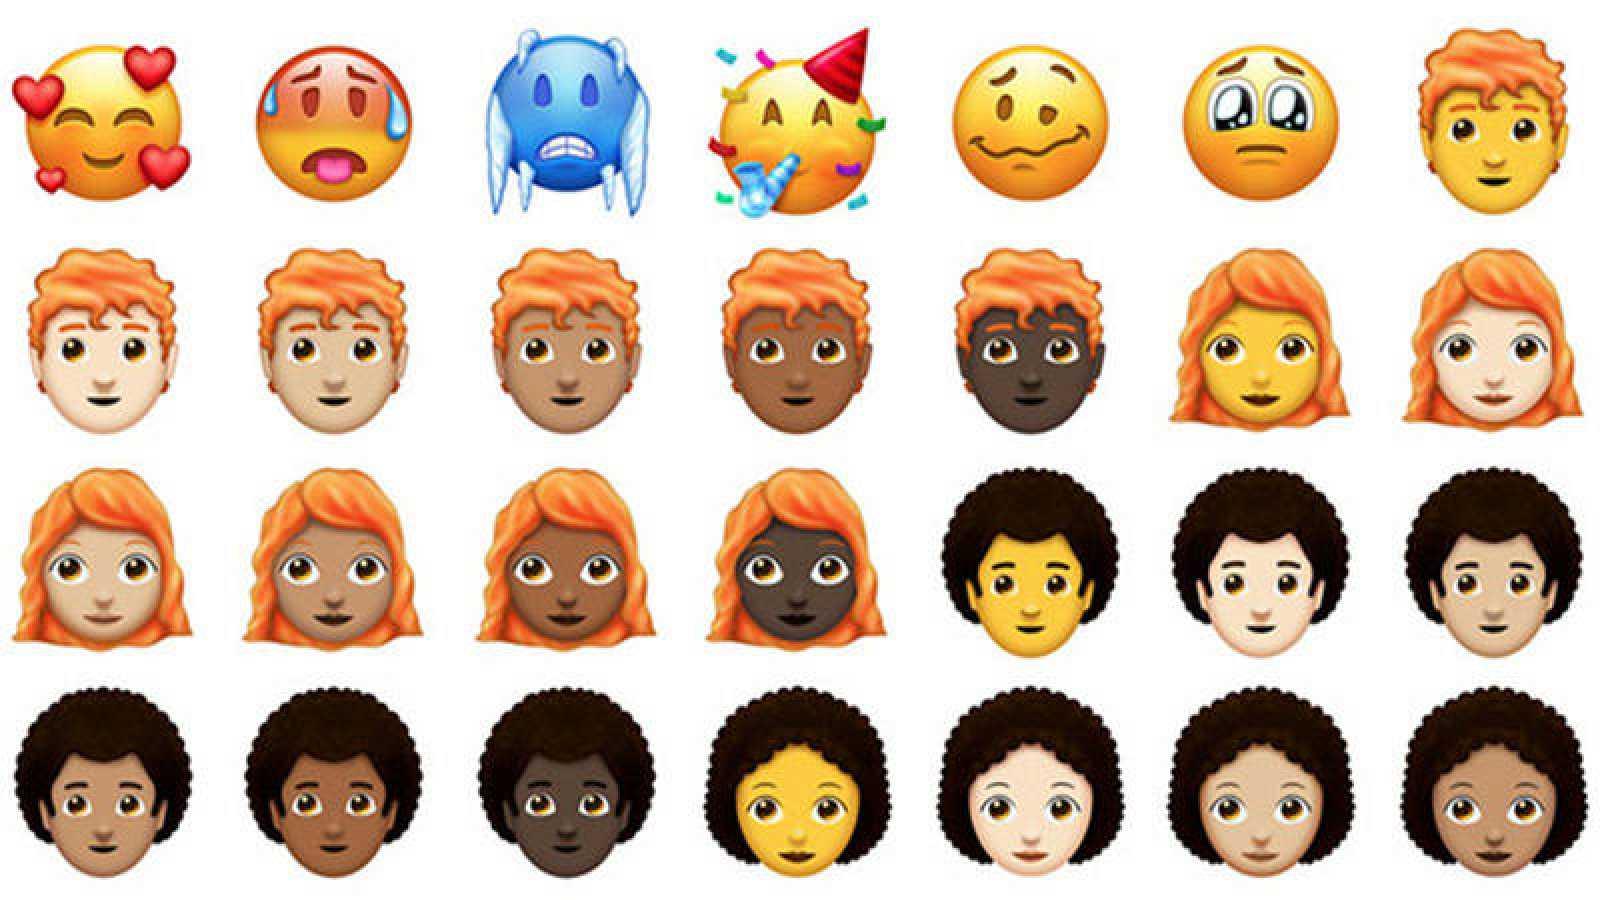 Nuevos emojis que se incorporarán a los smartphones en la segunda mitad de 2018.